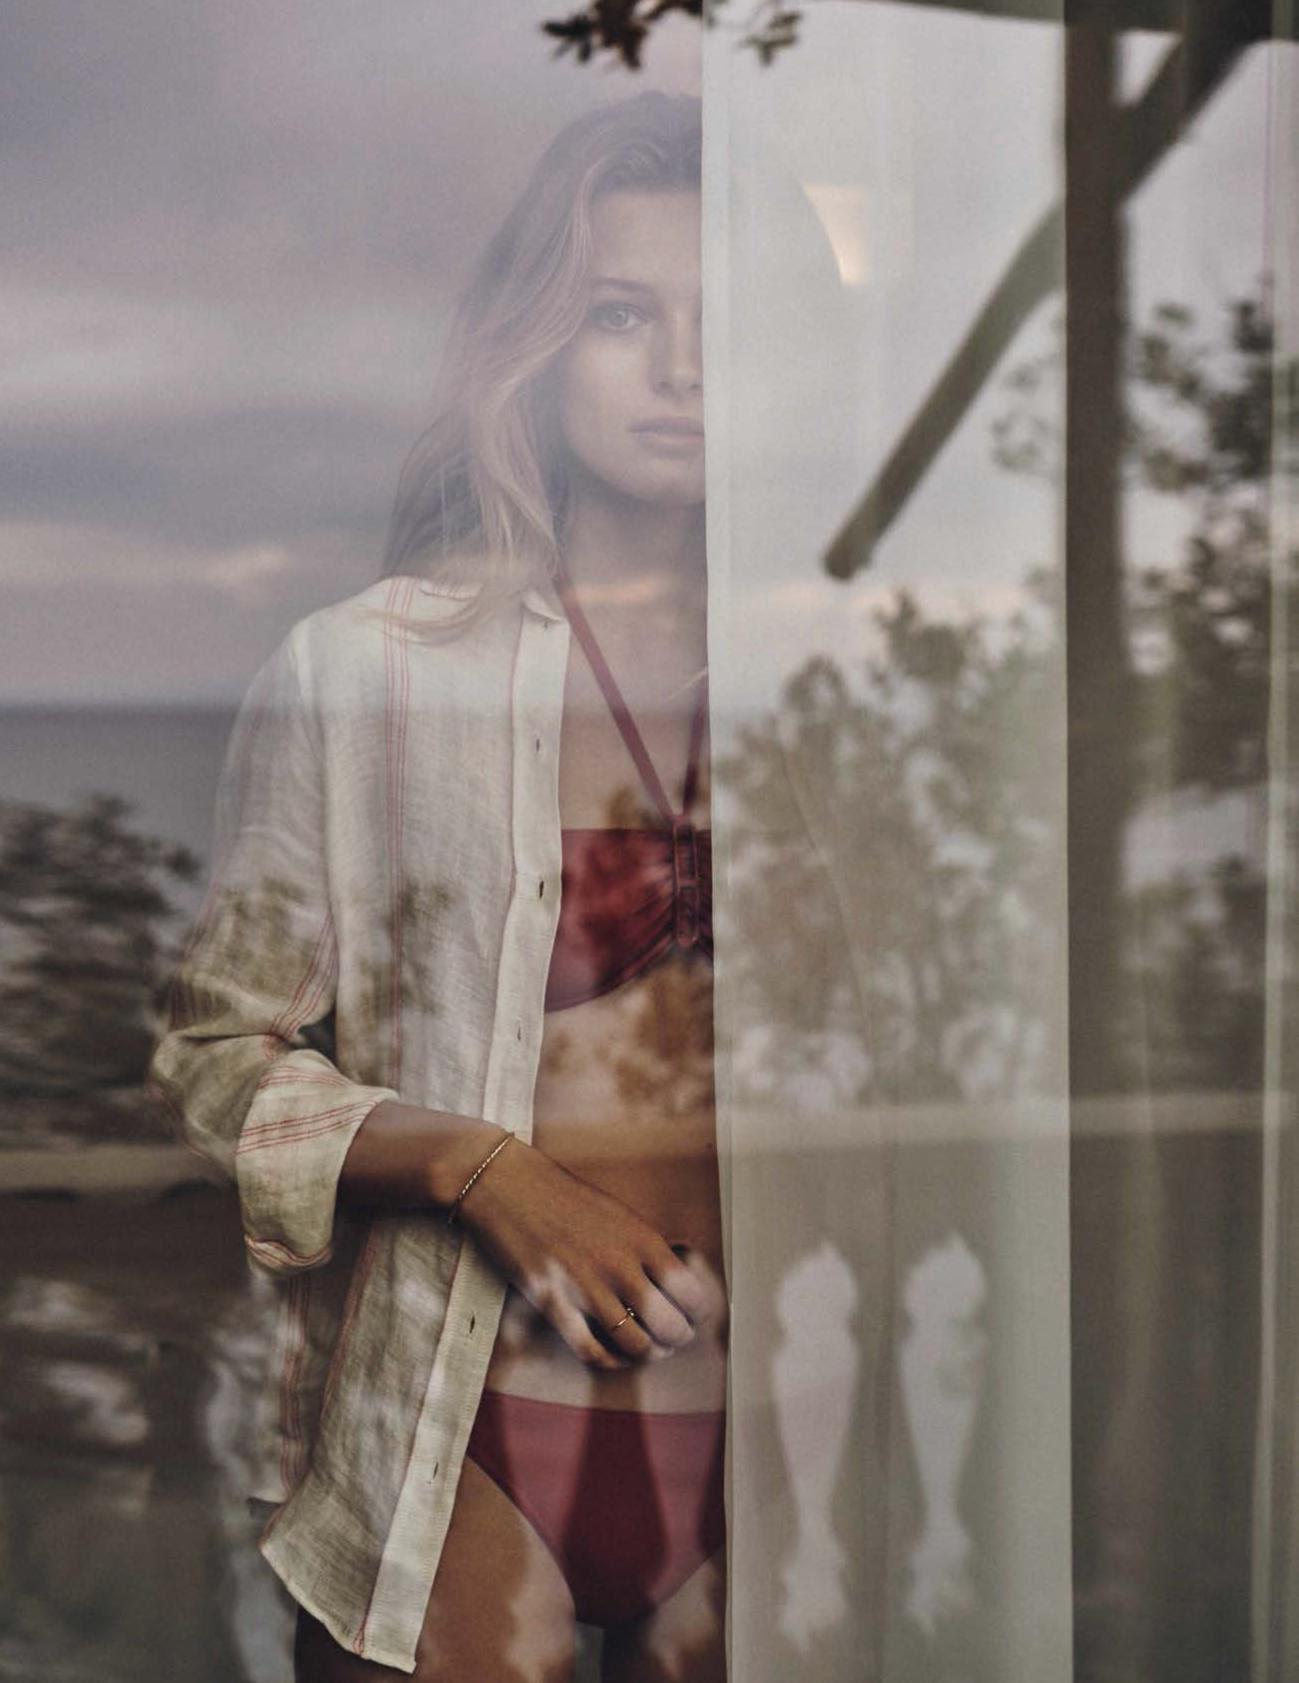 бикини, Hermès; льняная рубашка, Masscob; кольцо, браслет, Oui Petit